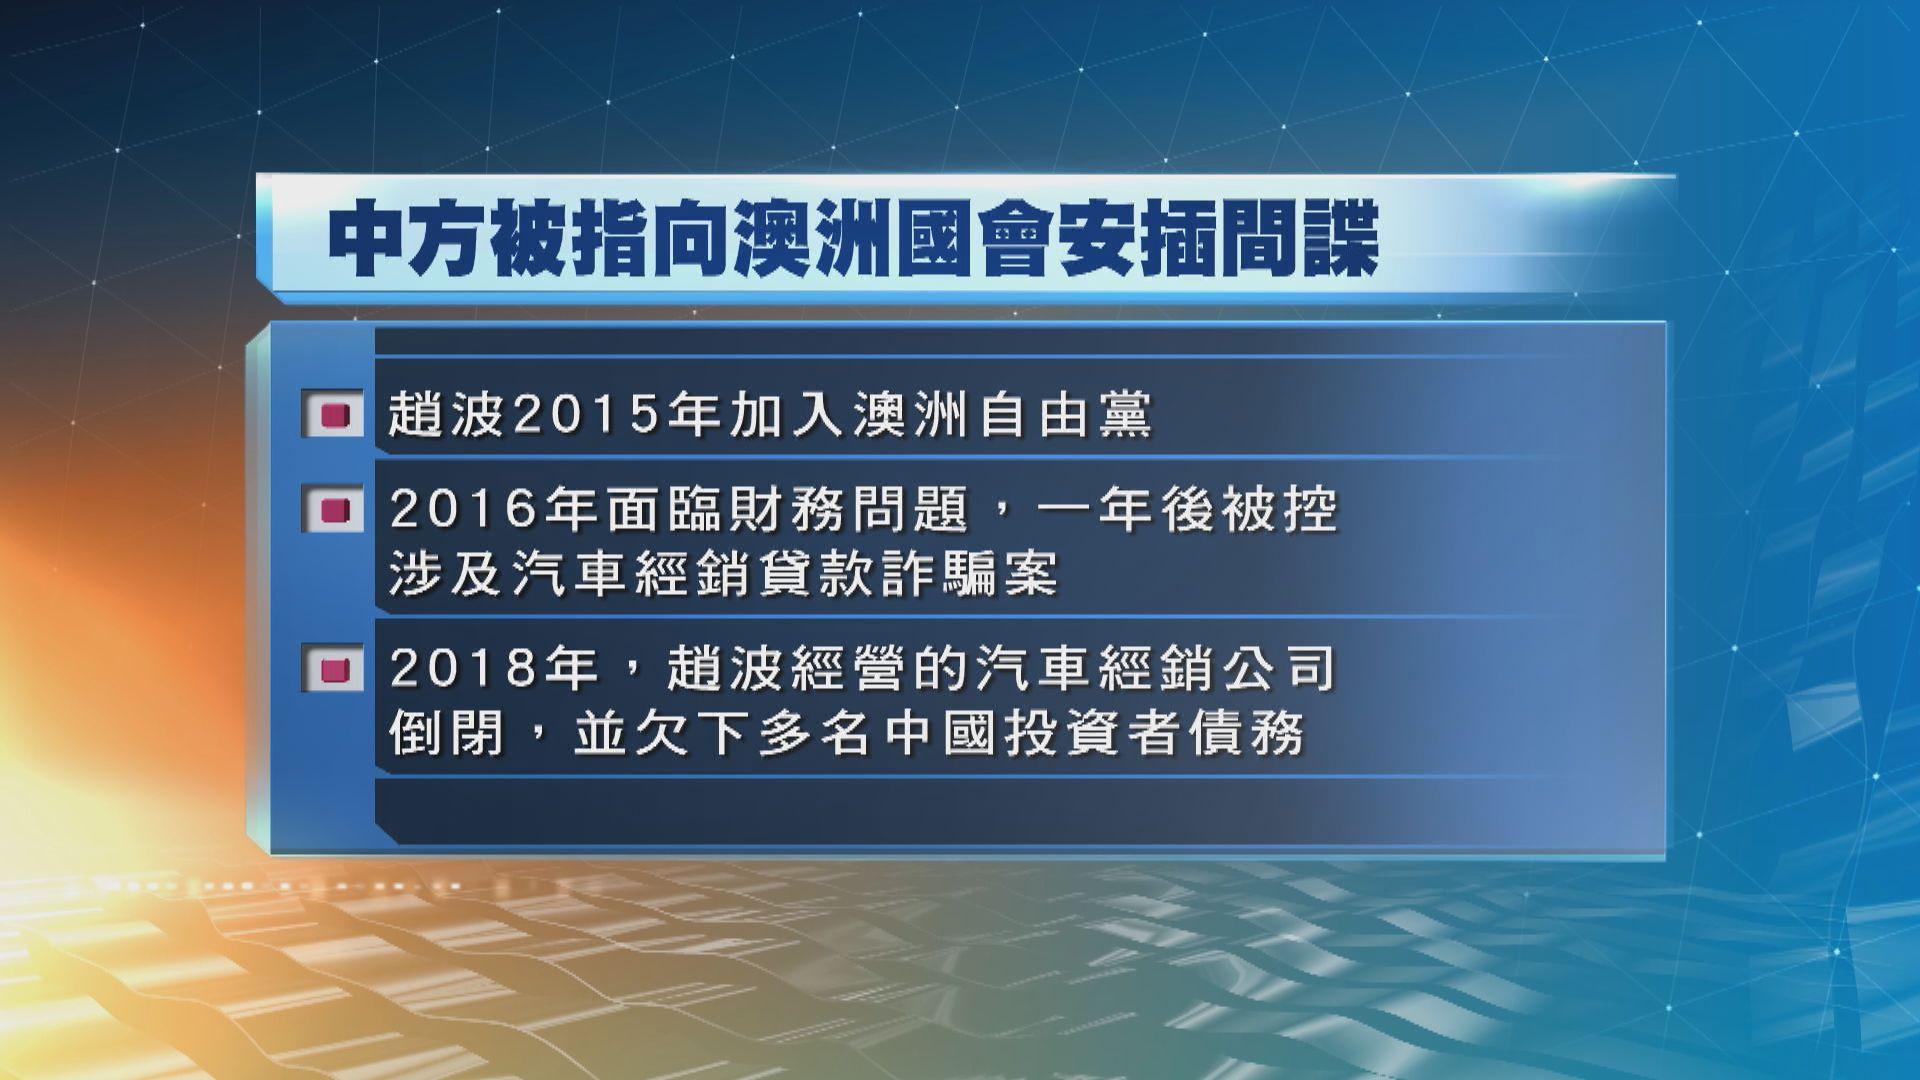 中國駁斥在澳洲安插間諜指控是謊言